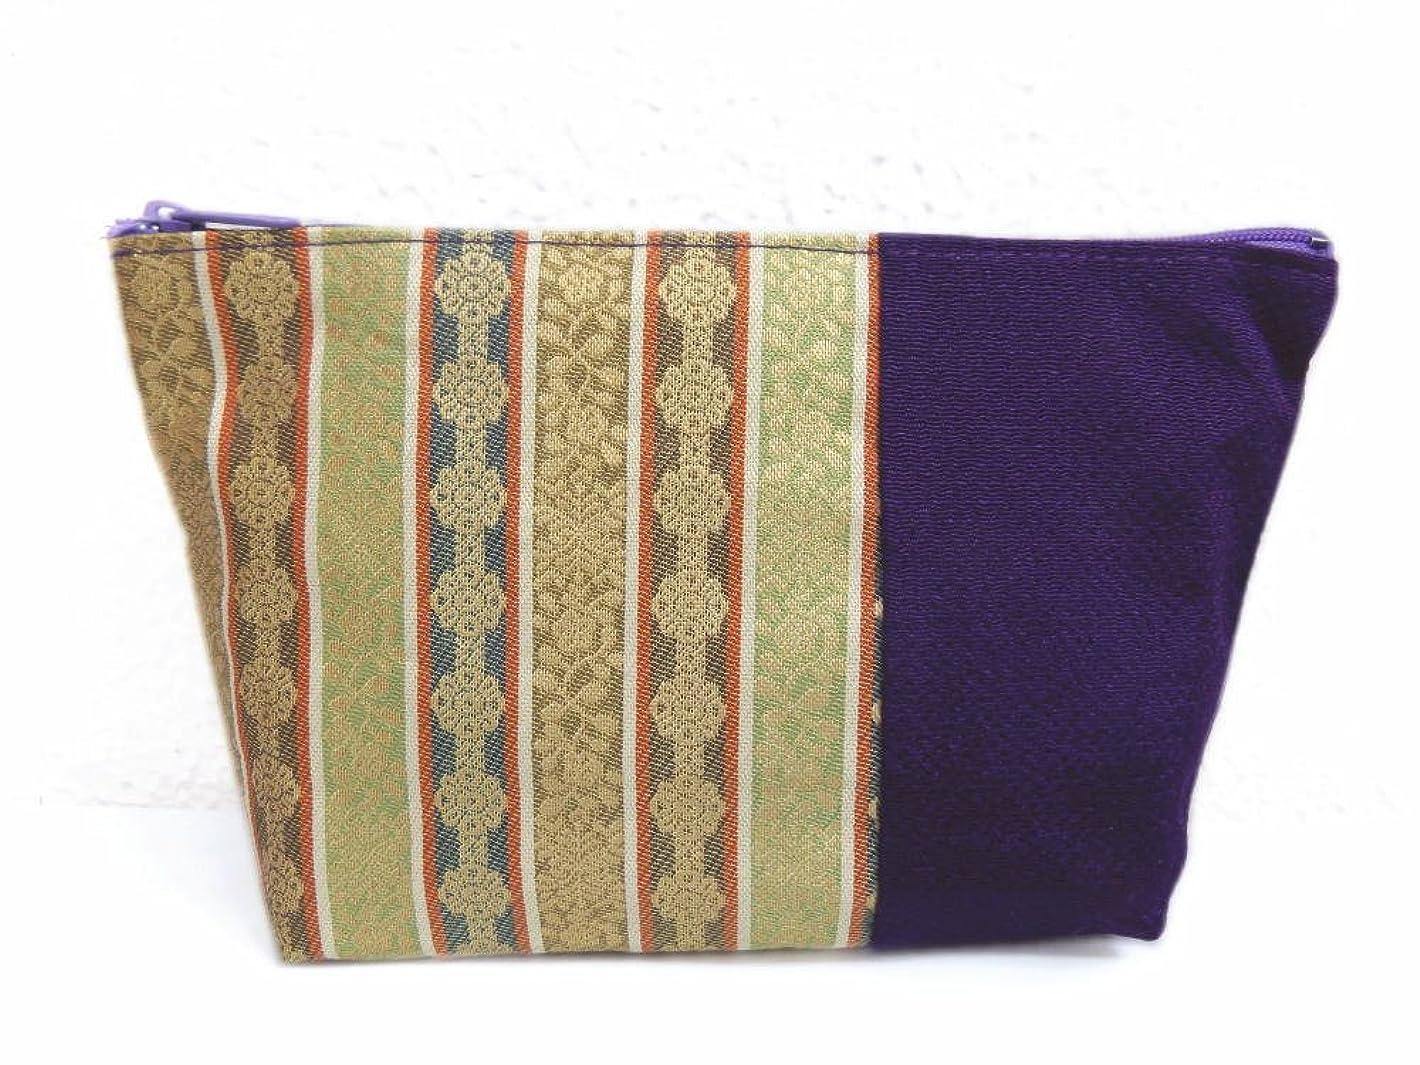 ホールドオールバット費やす金襴和柄広口型ファスナーポーチ(お化粧?コスメ?小物入れ)濃紫色地